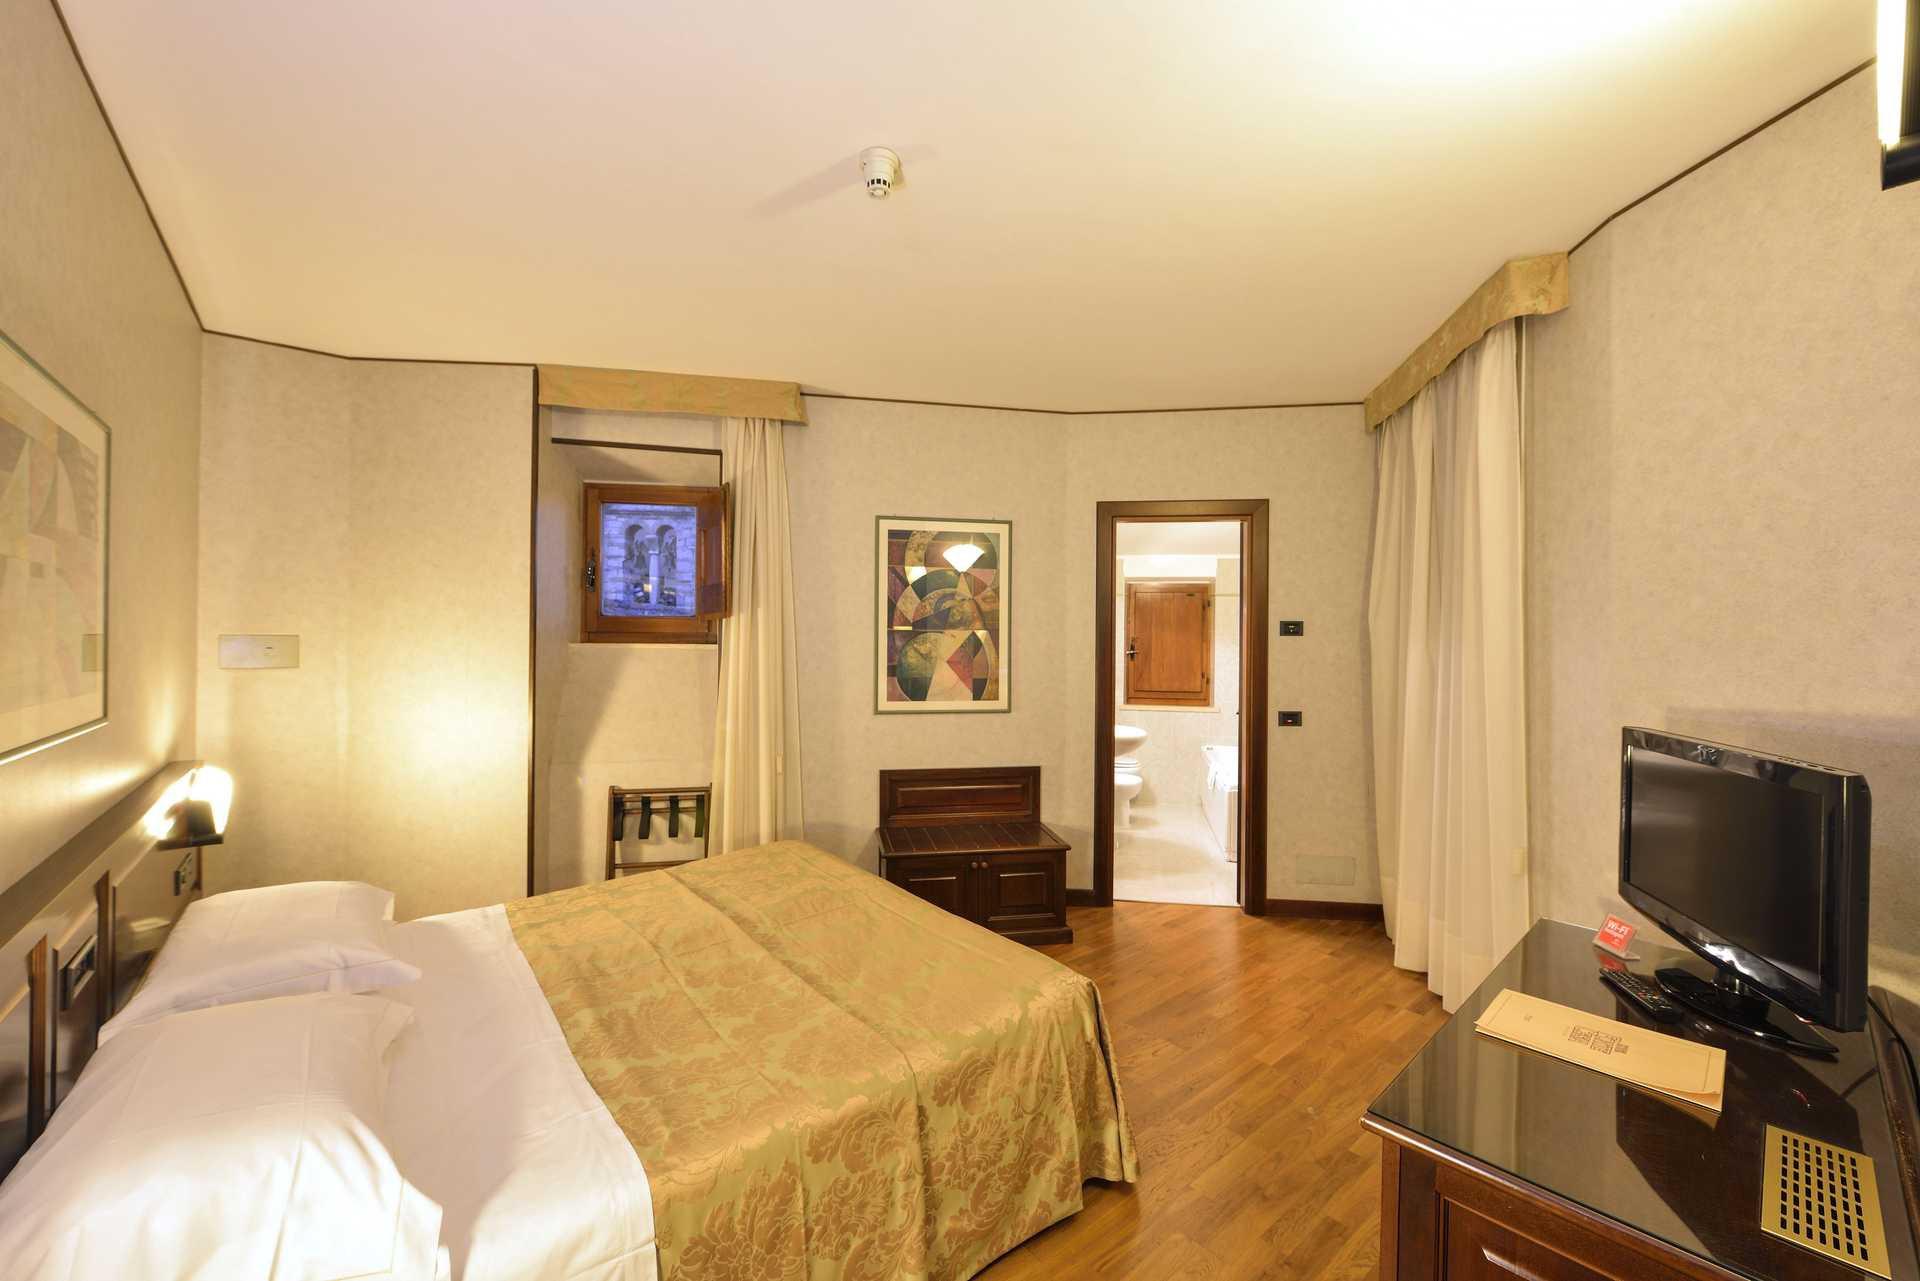 Camera classica - Hotel Fonte Cesia Todi